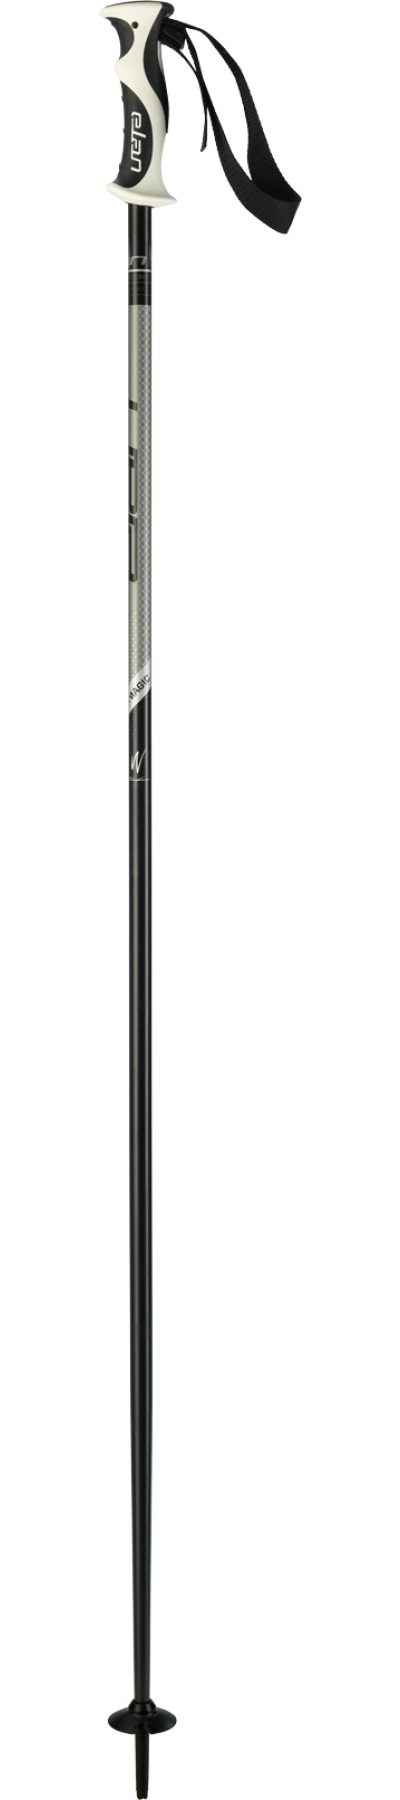 Горнолыжные палки Elan 2017-18 SP BLACKmagic